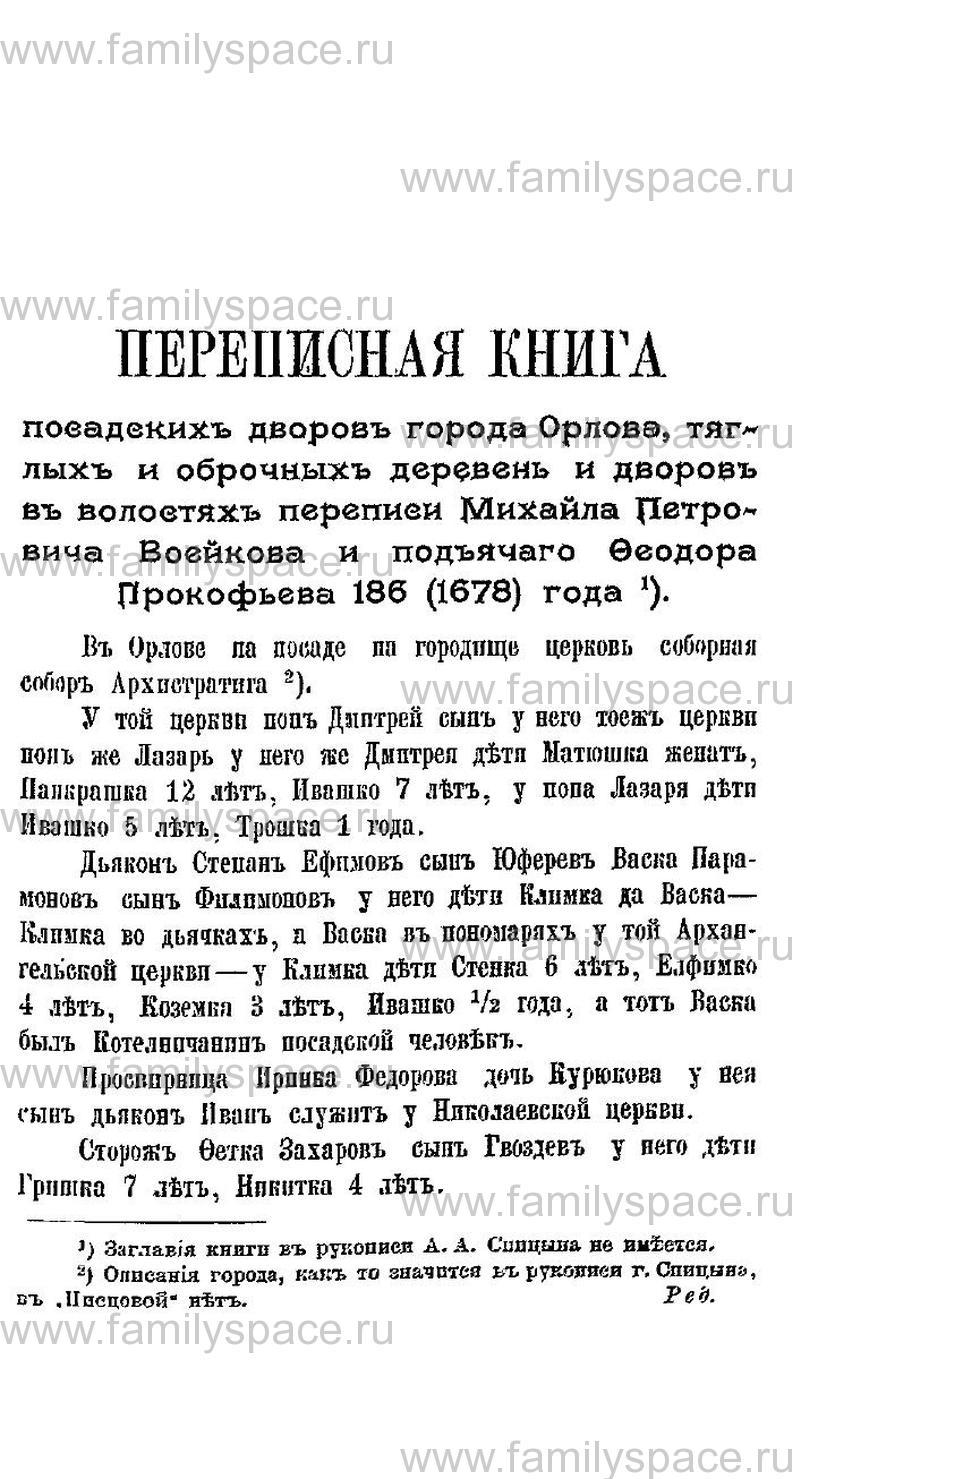 Поиск по фамилии - Переписная книга Орлова и волостей 1678 г, страница 3